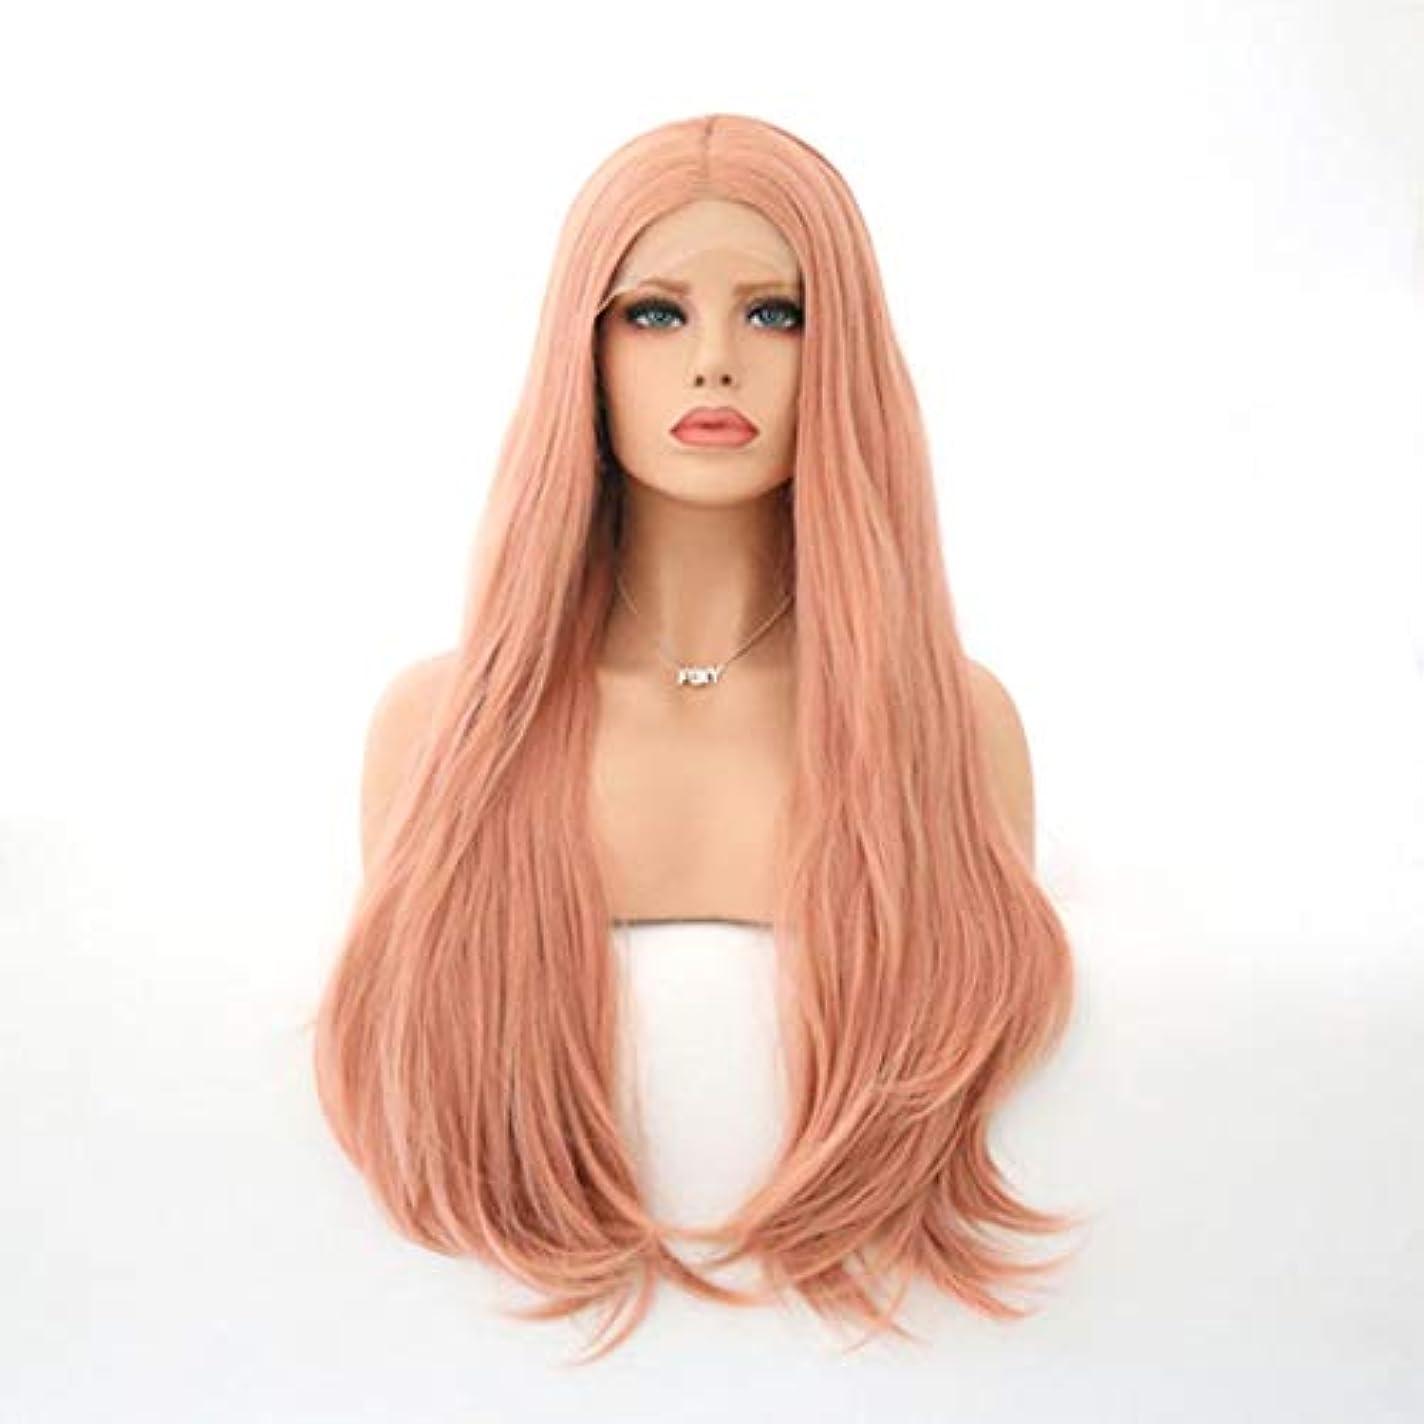 海港新聞書誌Kerwinner 女性のための自然な長い巻き毛のかつらの代わりとなるかつら合成繊維の毛髪のかつら